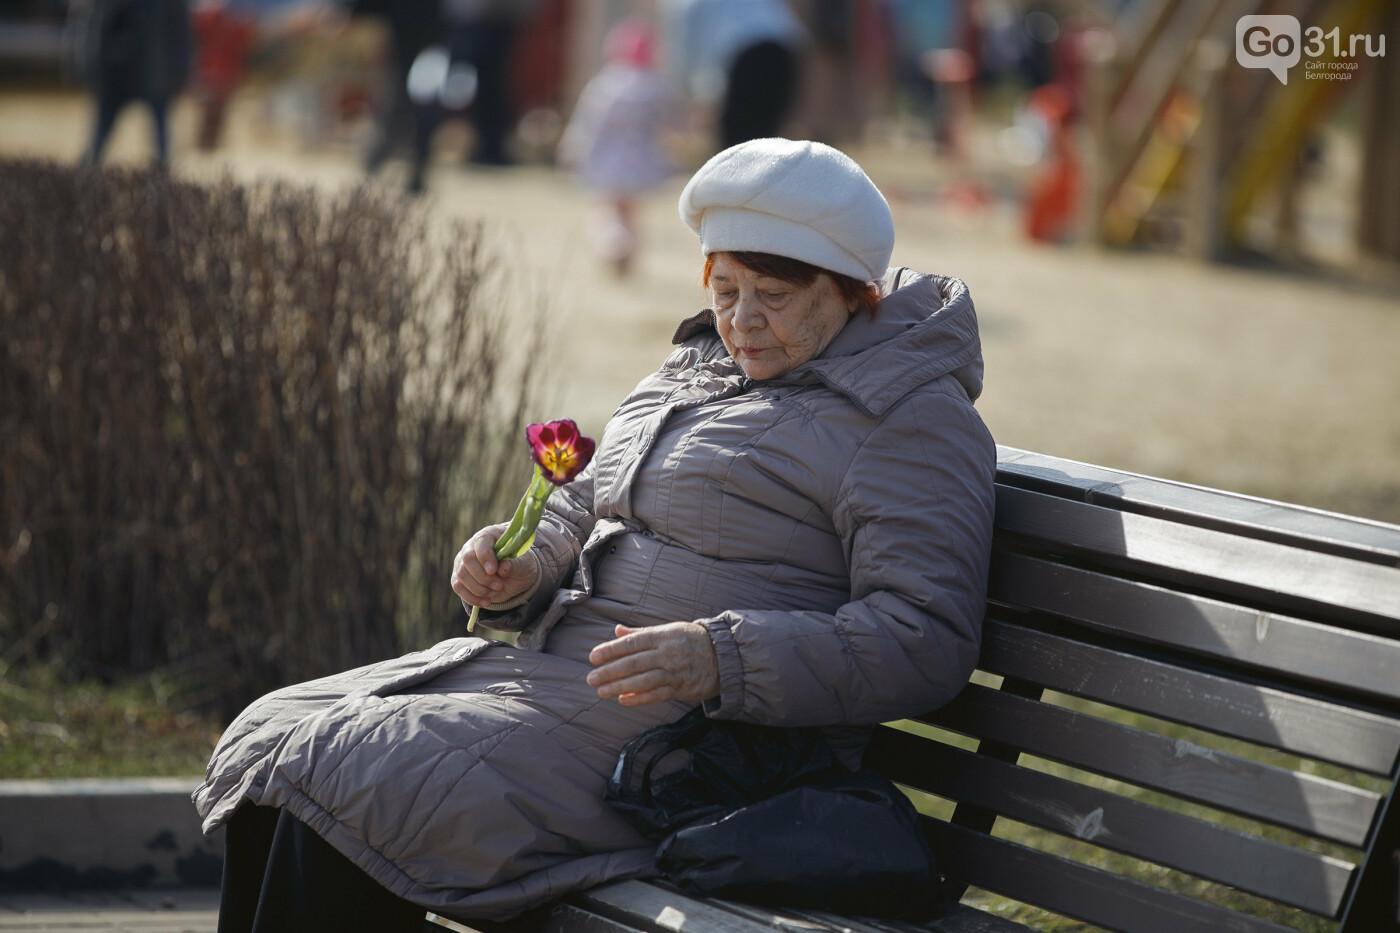 Дарить эмоции. Как белгородцы радовали дам цветами к 8 Марта, фото-18